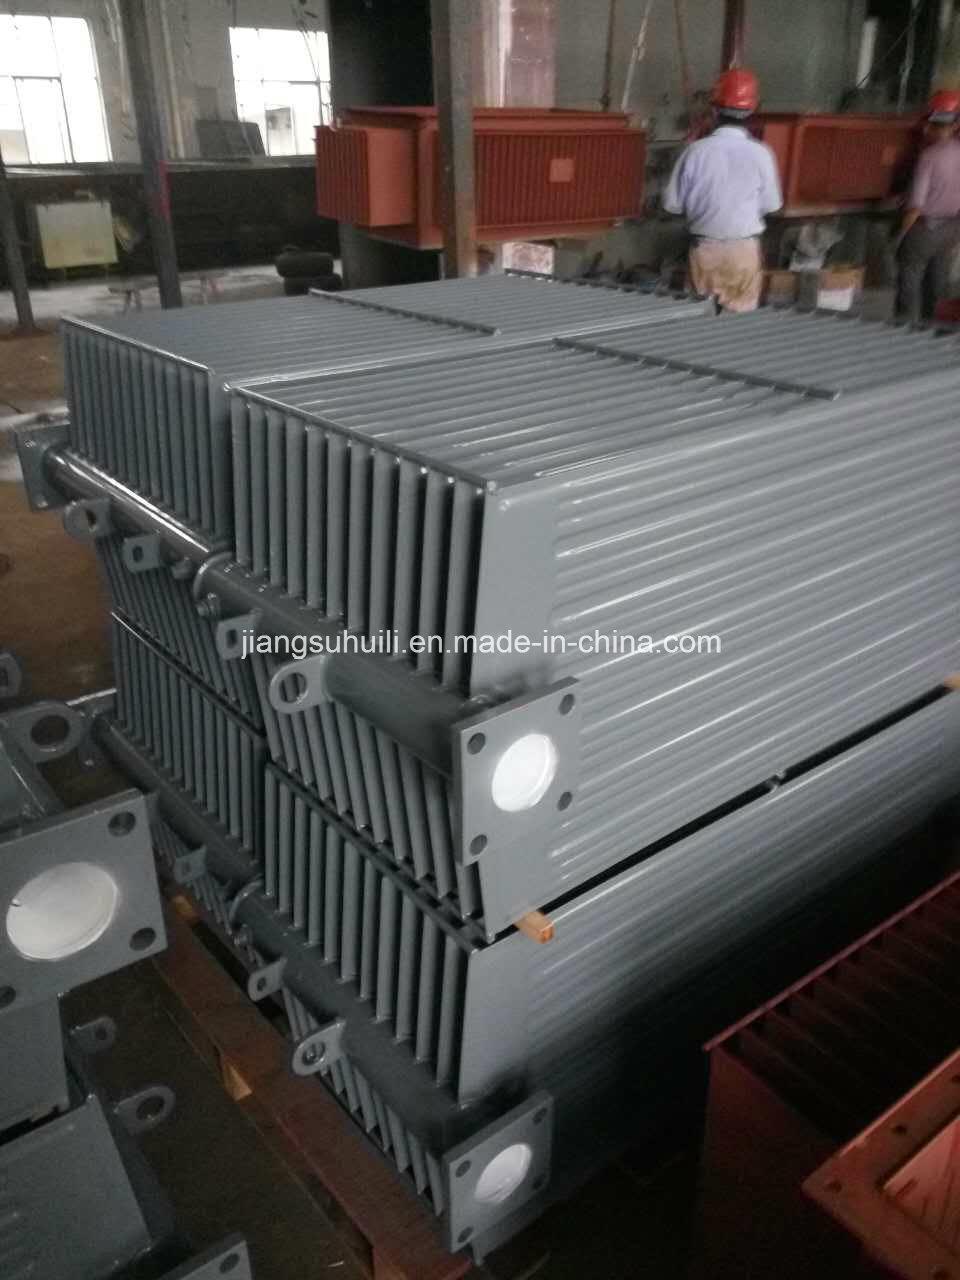 2000kVA Oil-Immersed Transformer Radiator